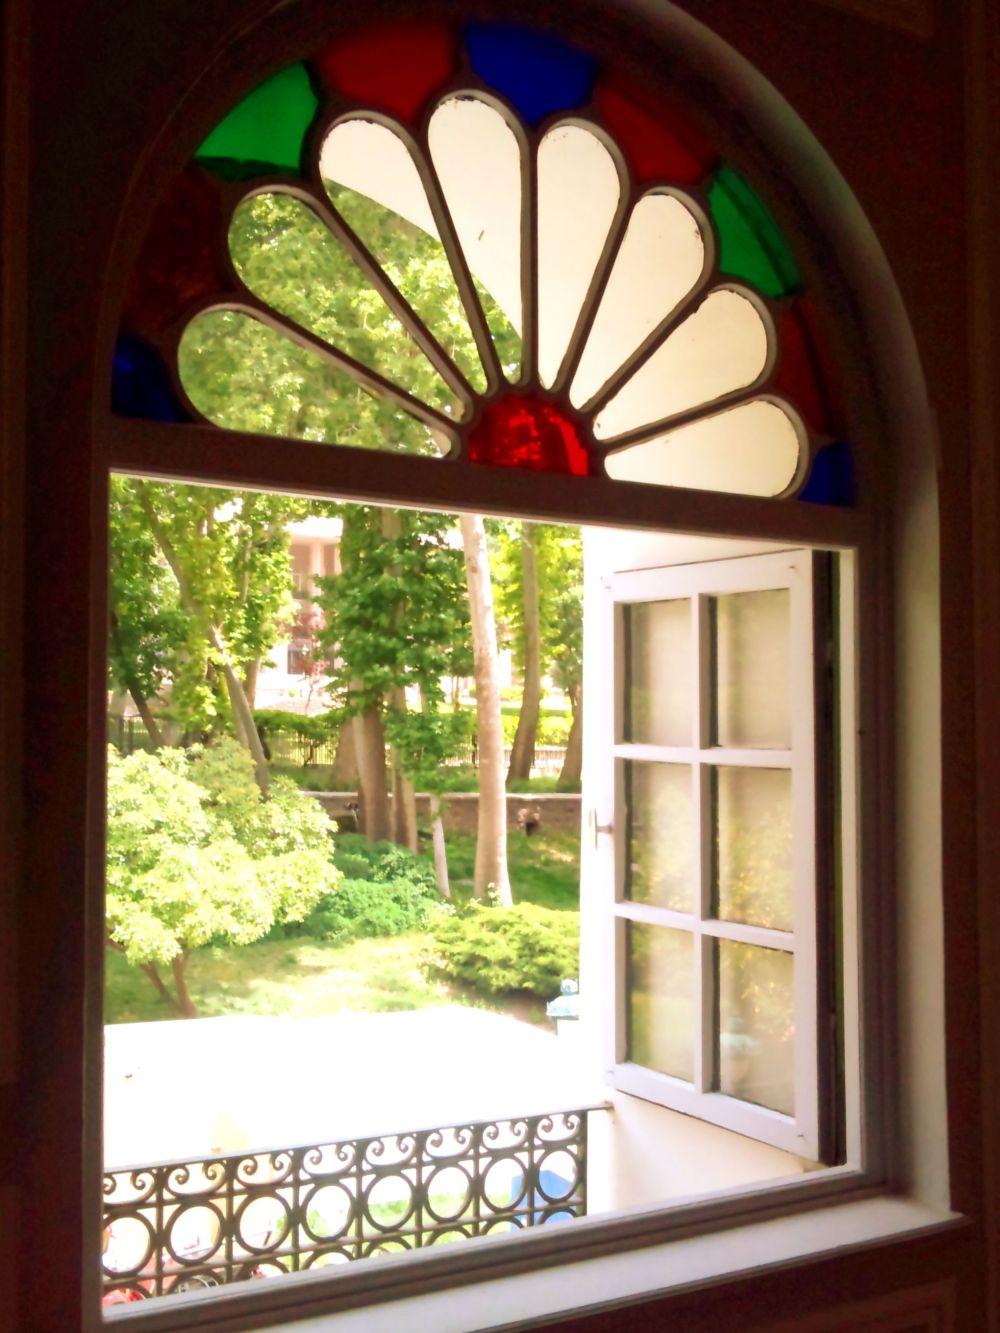 Open the window, watch the beauty